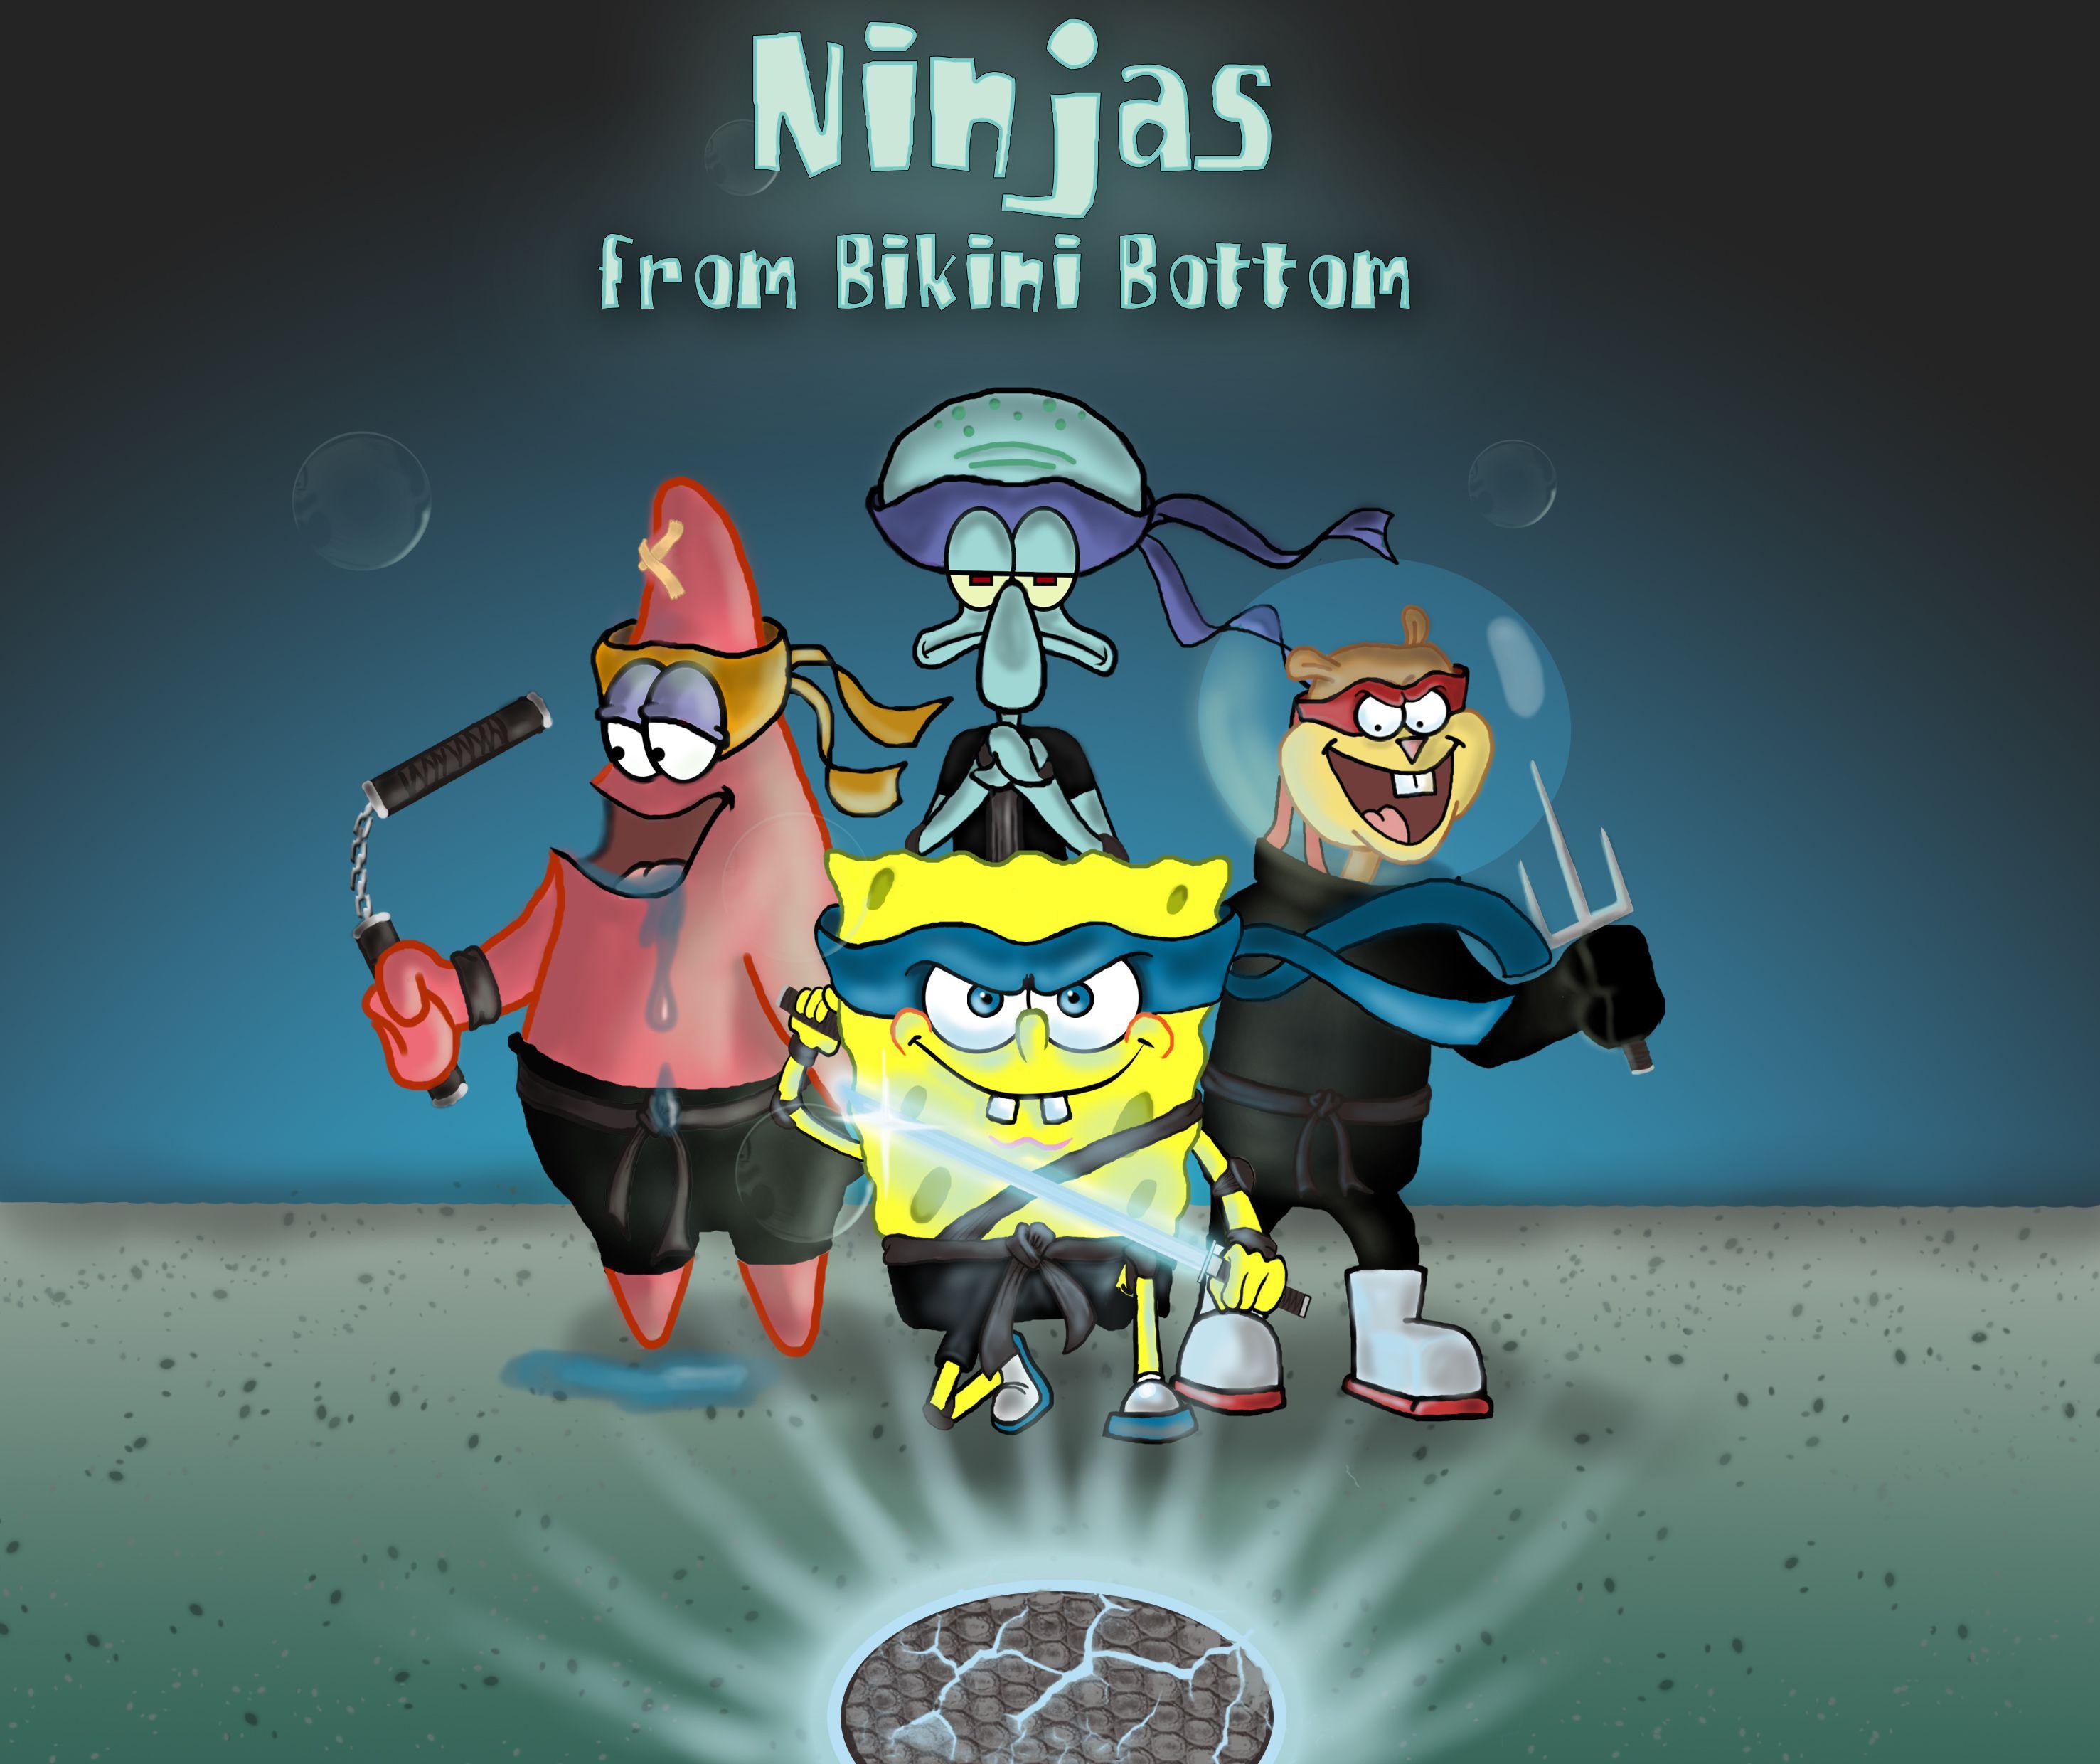 ninjas-from-bikini-bottom-spongebob-squarepants-37346317-2953-2480